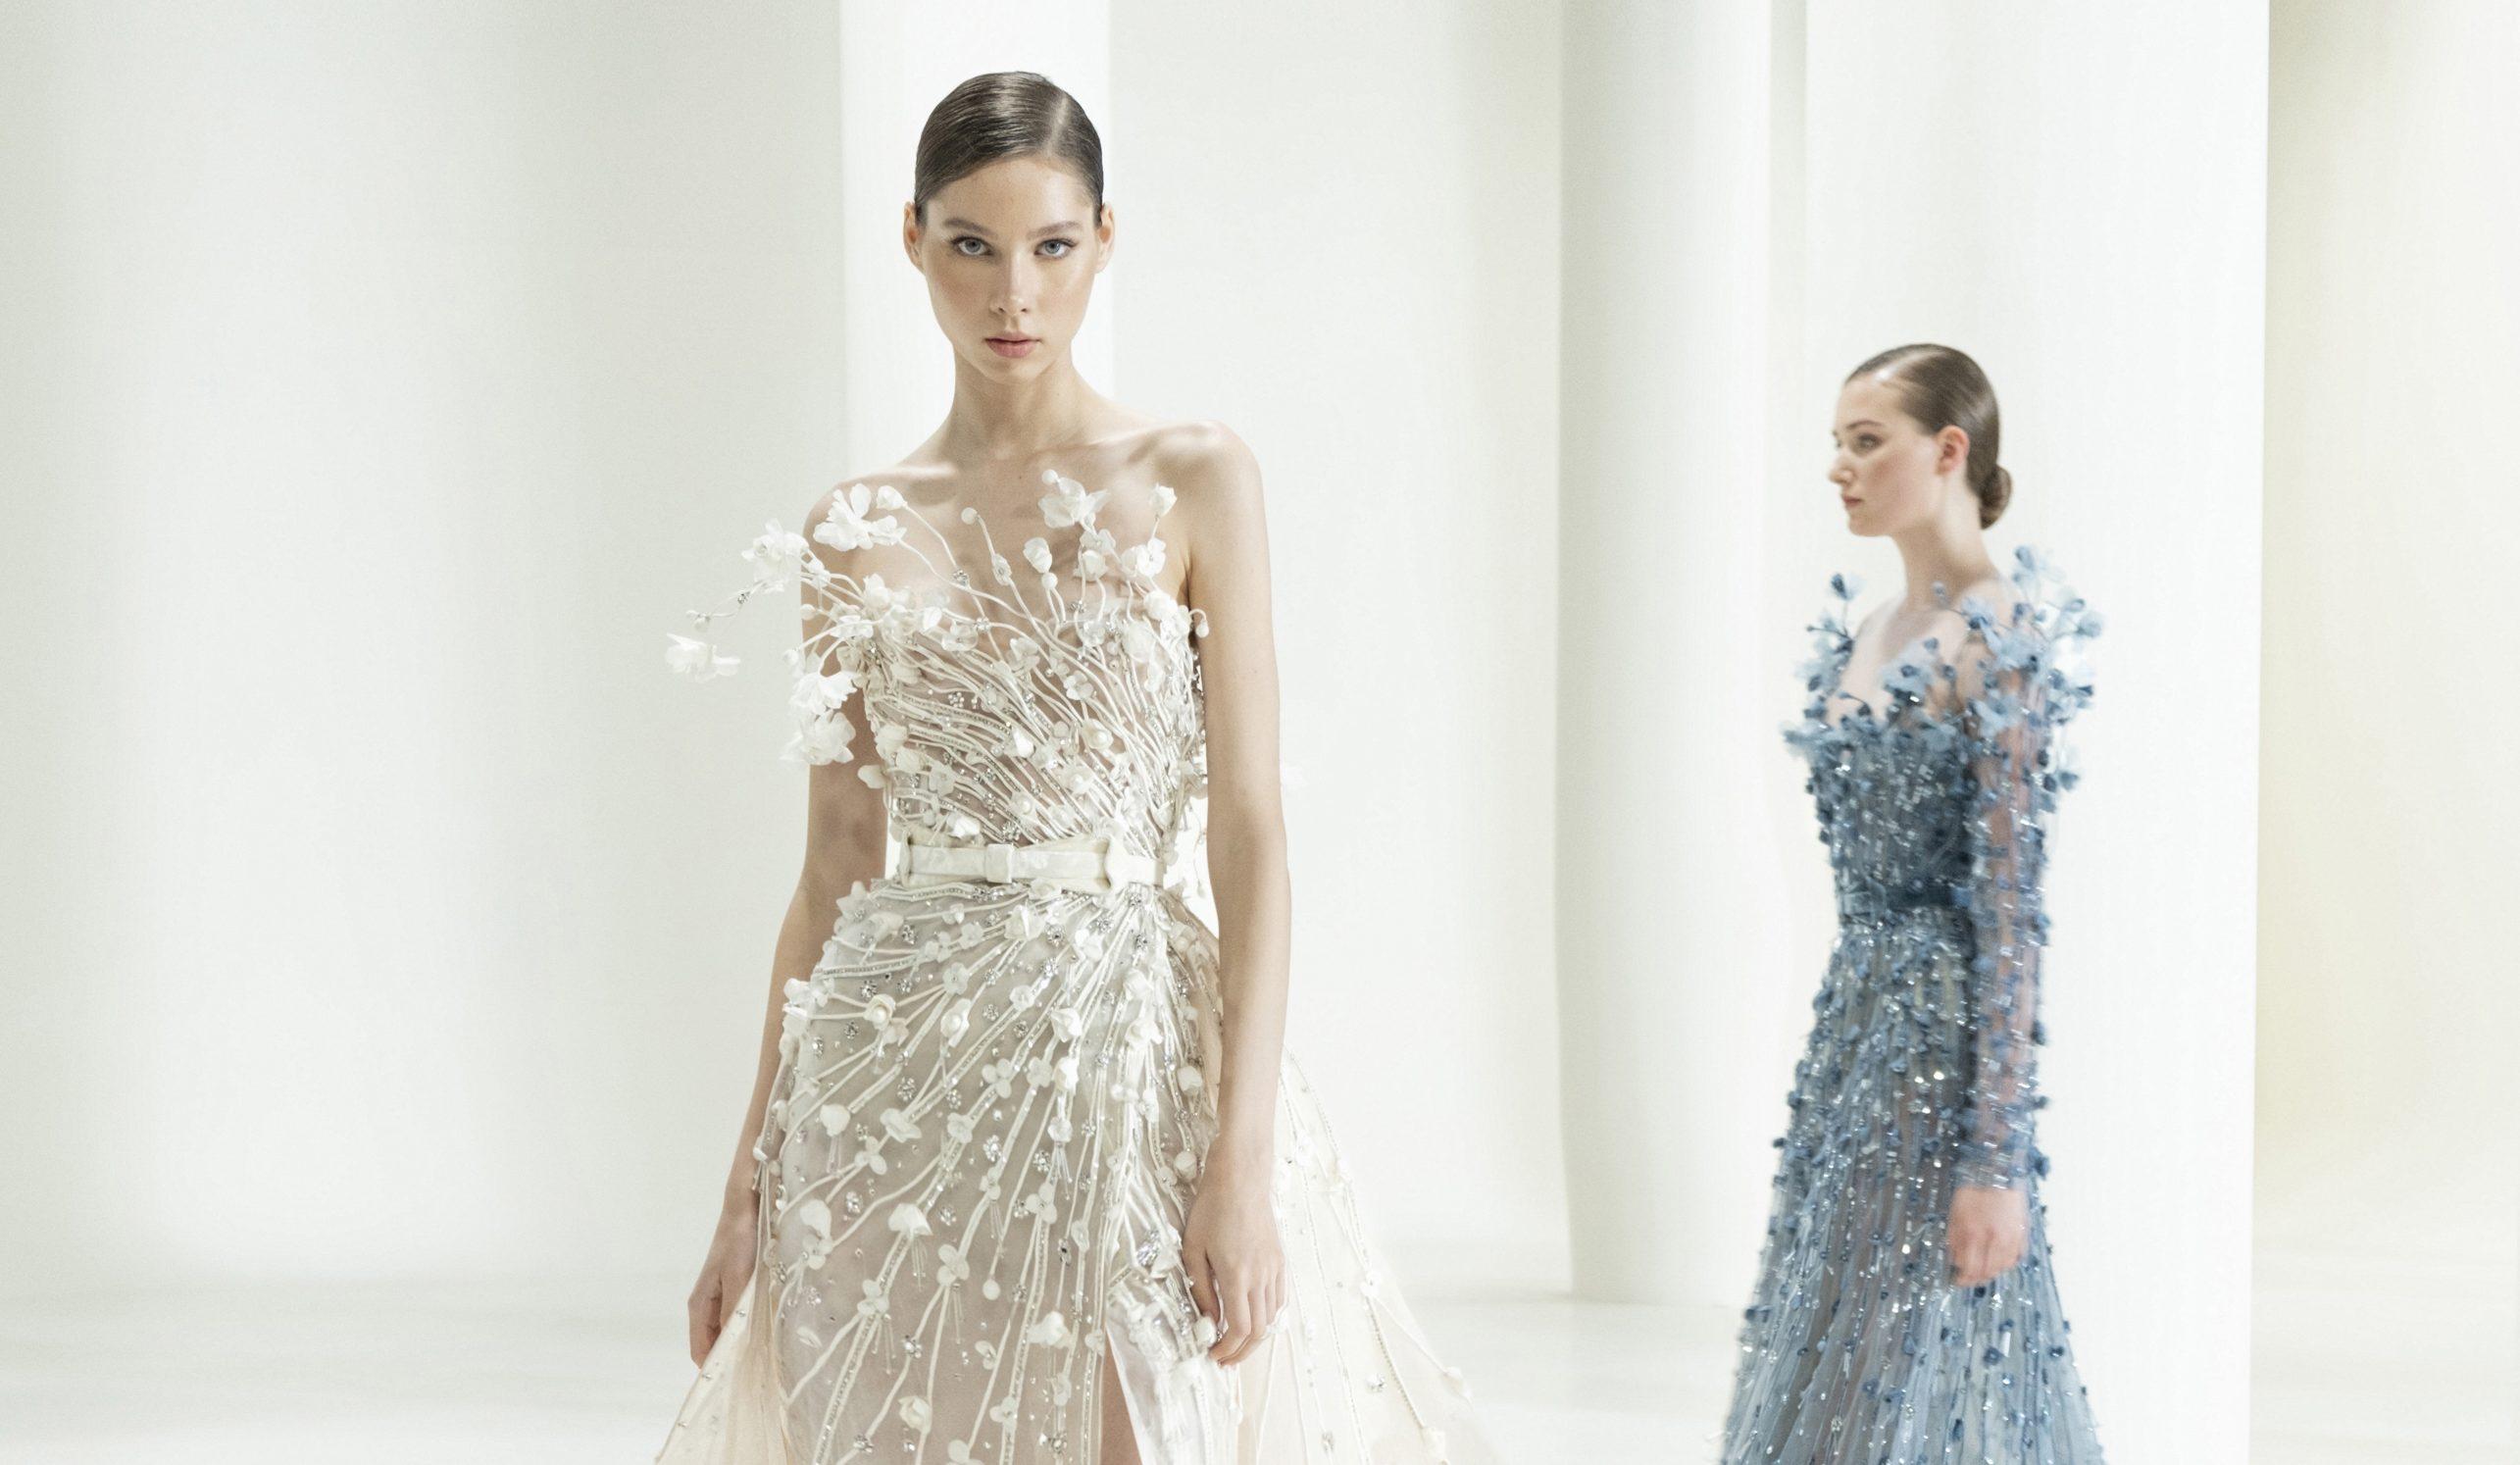 Τα ωραιότερα φορέματα από την Εβδομάδα Υψηλής Ραπτικής στο Παρίσι Οι πιο εντυπωσιακοί οίκοι μόδας έκαναν τα show τους στην Εβδομάδα Μόδας του Παρισιού και μας χάρισαν απλόχερα εκθαμβωτικά looks. Αυτά είναι τα πιο ωραία φορέματα που διαλέξαμε και σου τα παρουσιάζουμε.